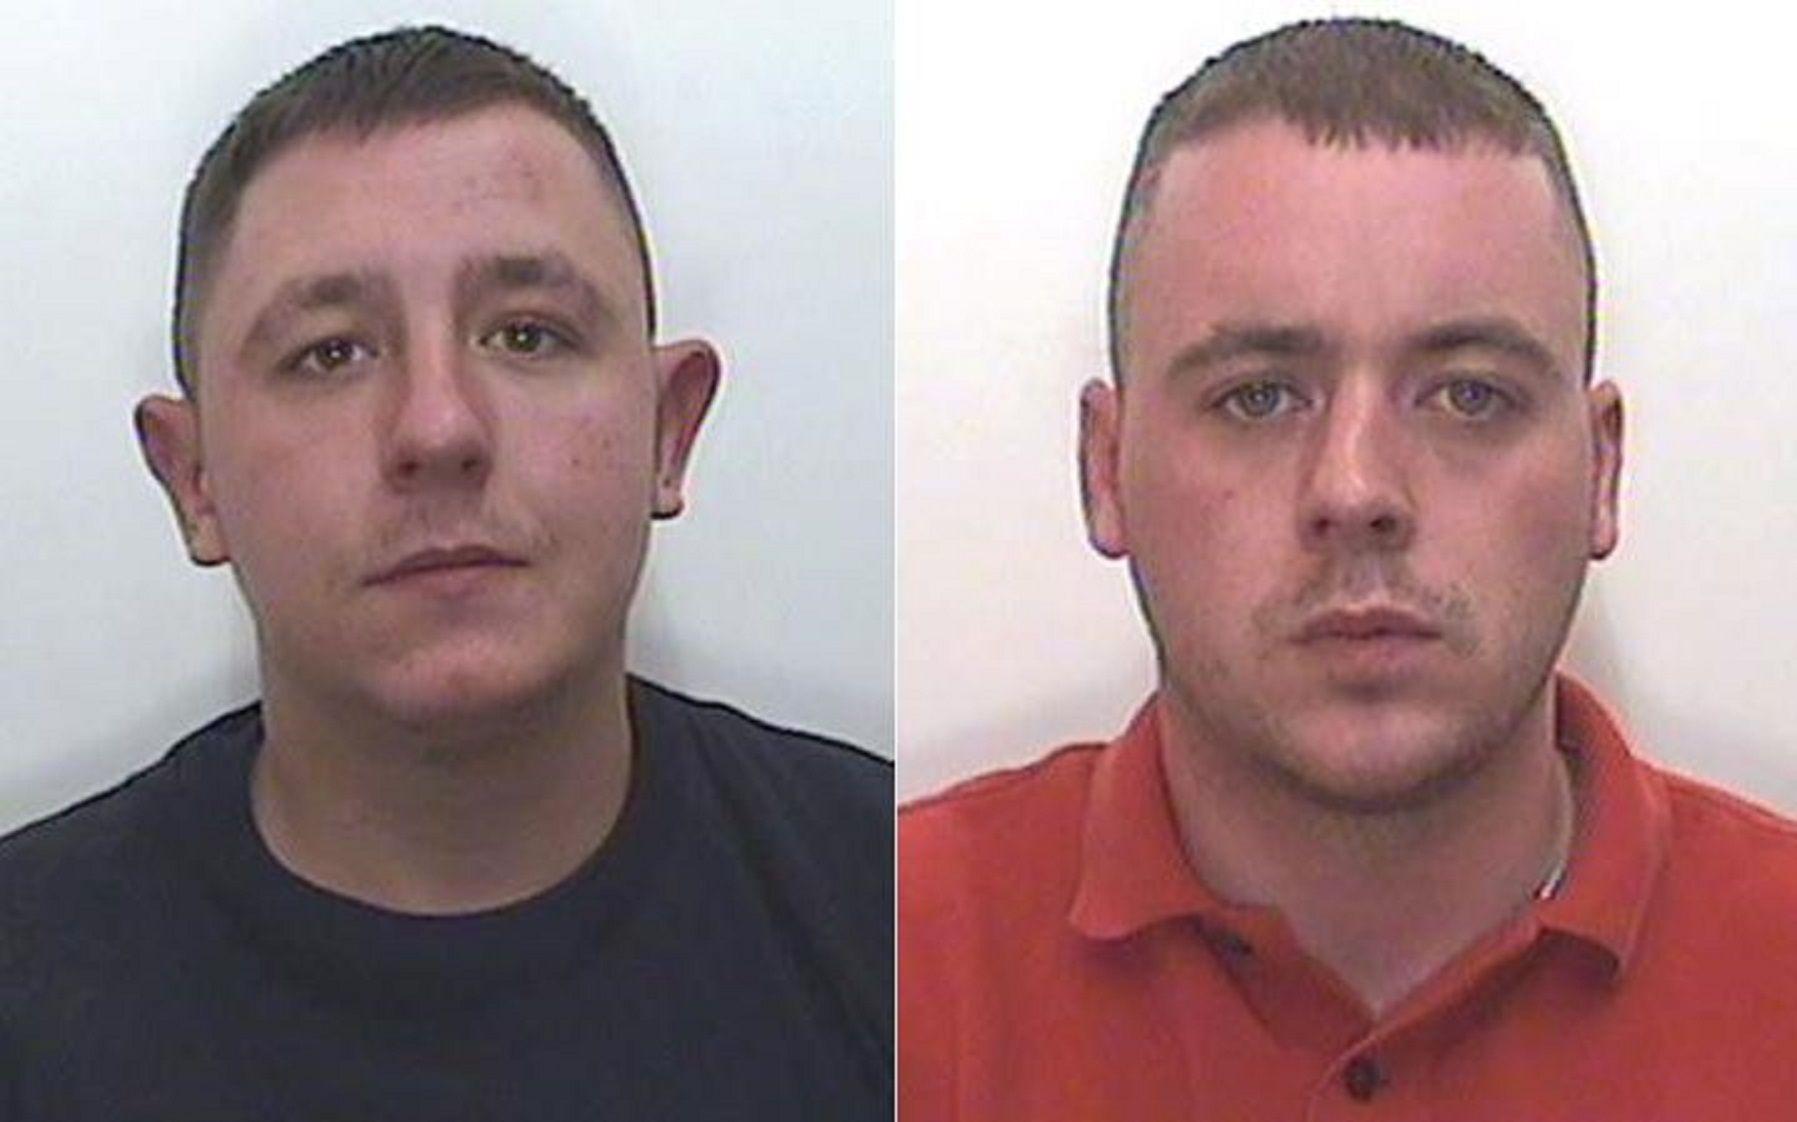 Dos delincuentes se tomaron una selfie durante un robo y los atrapó la policía